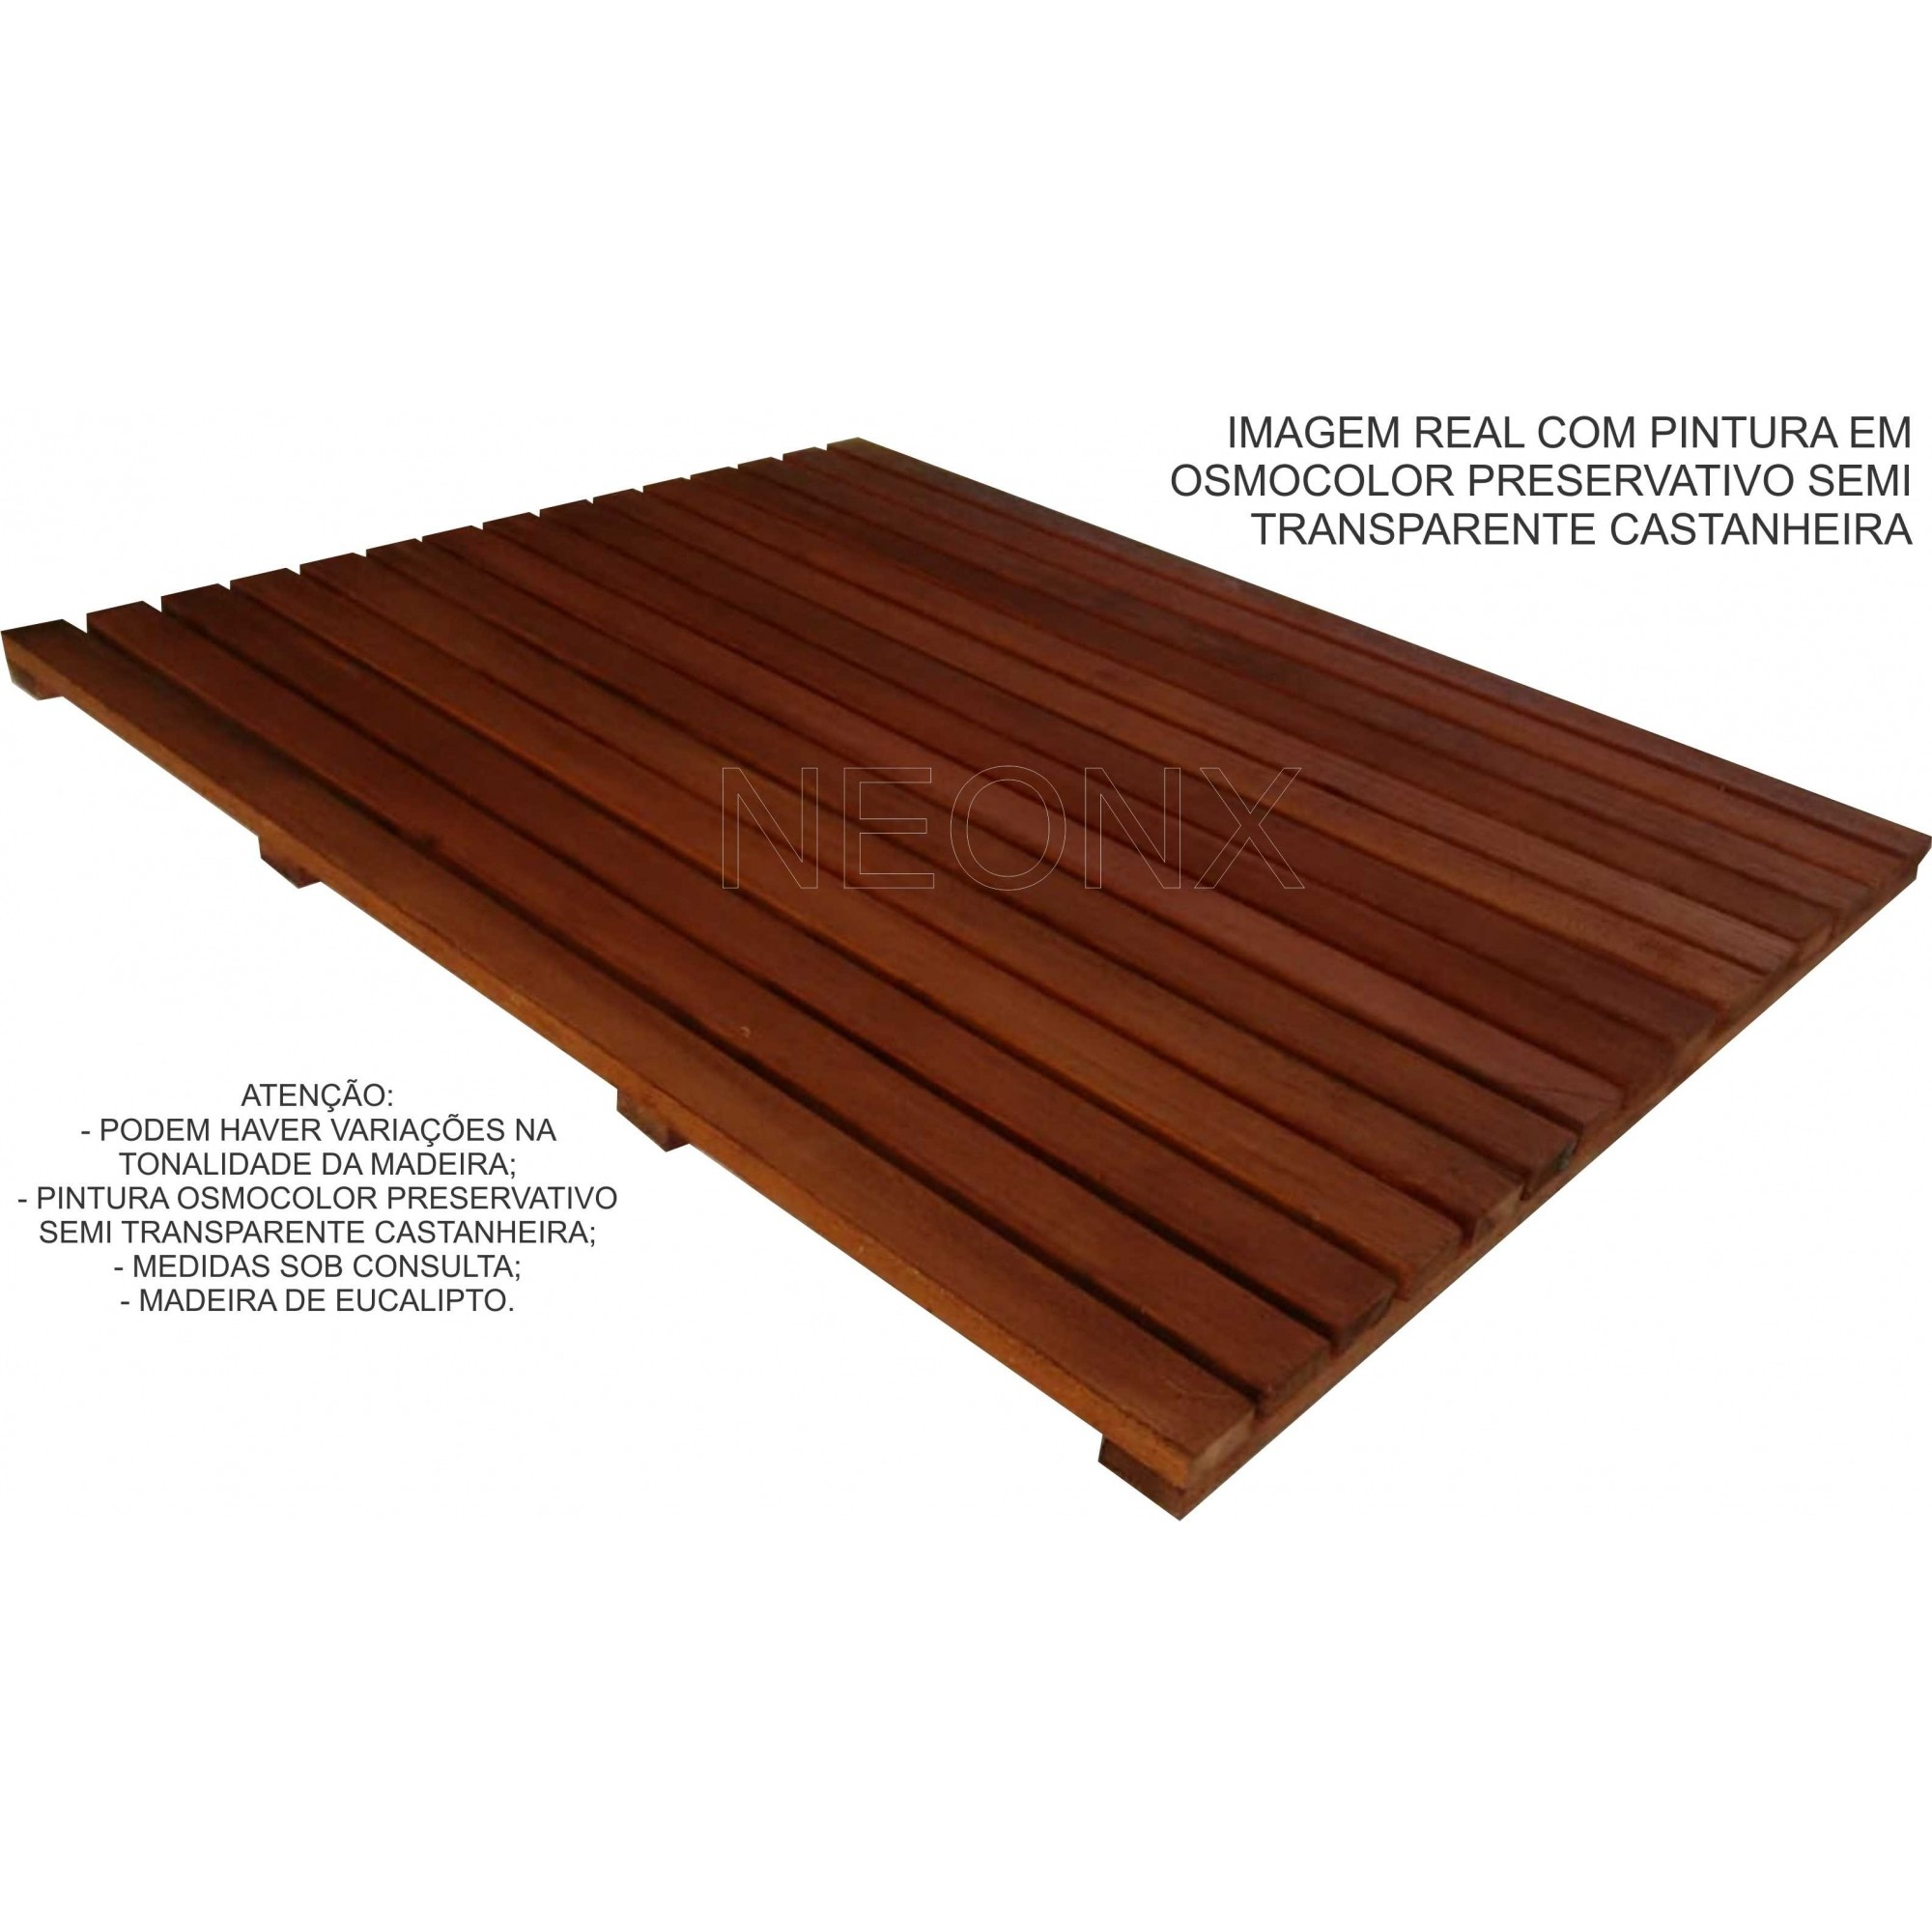 Deck De Madeira Modular 40x60cm Com Pintura Neonx